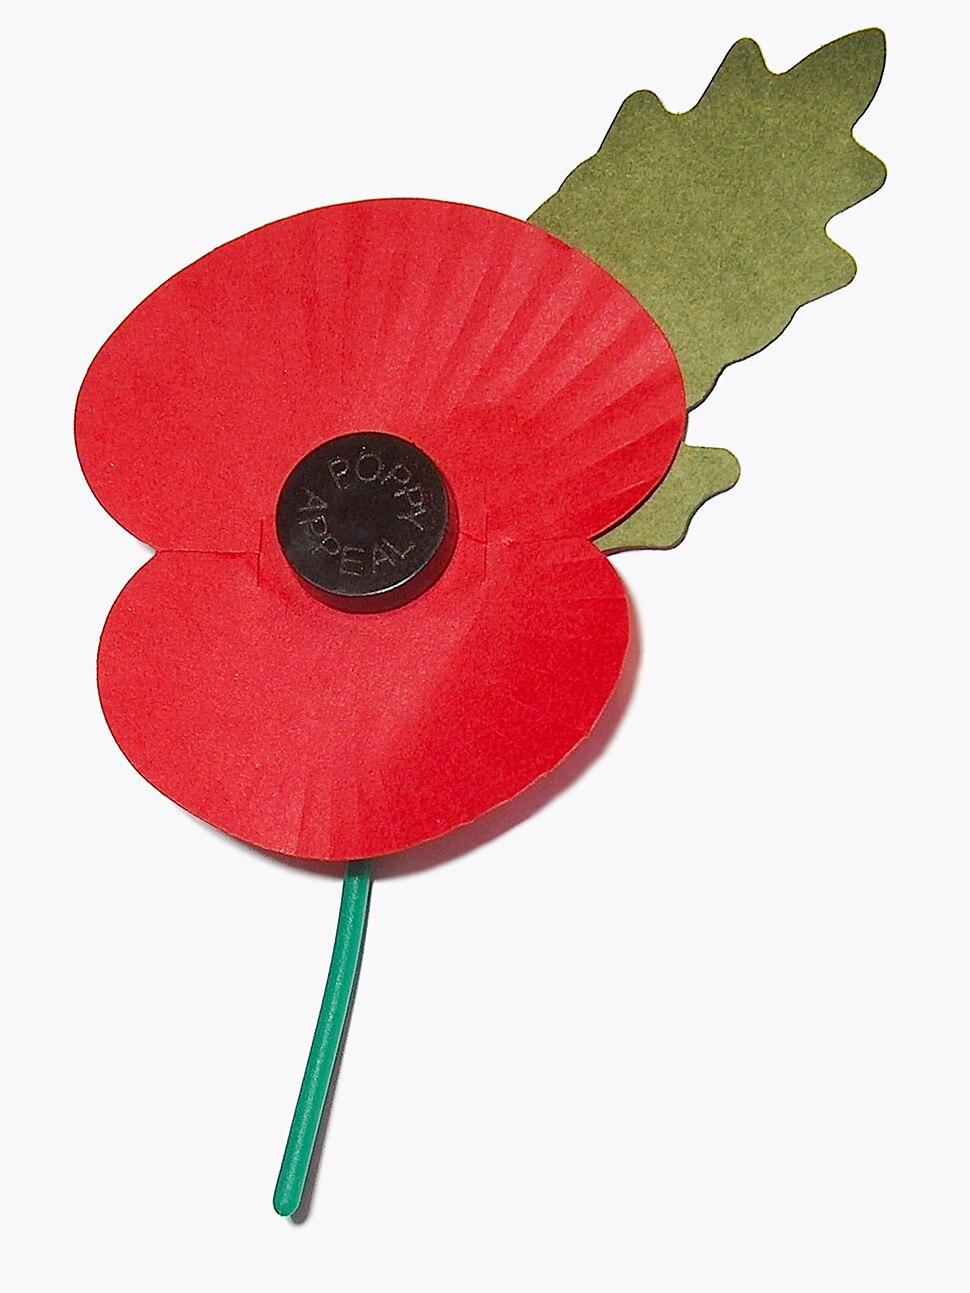 Royal British Legion%27s Paper Poppy - white background